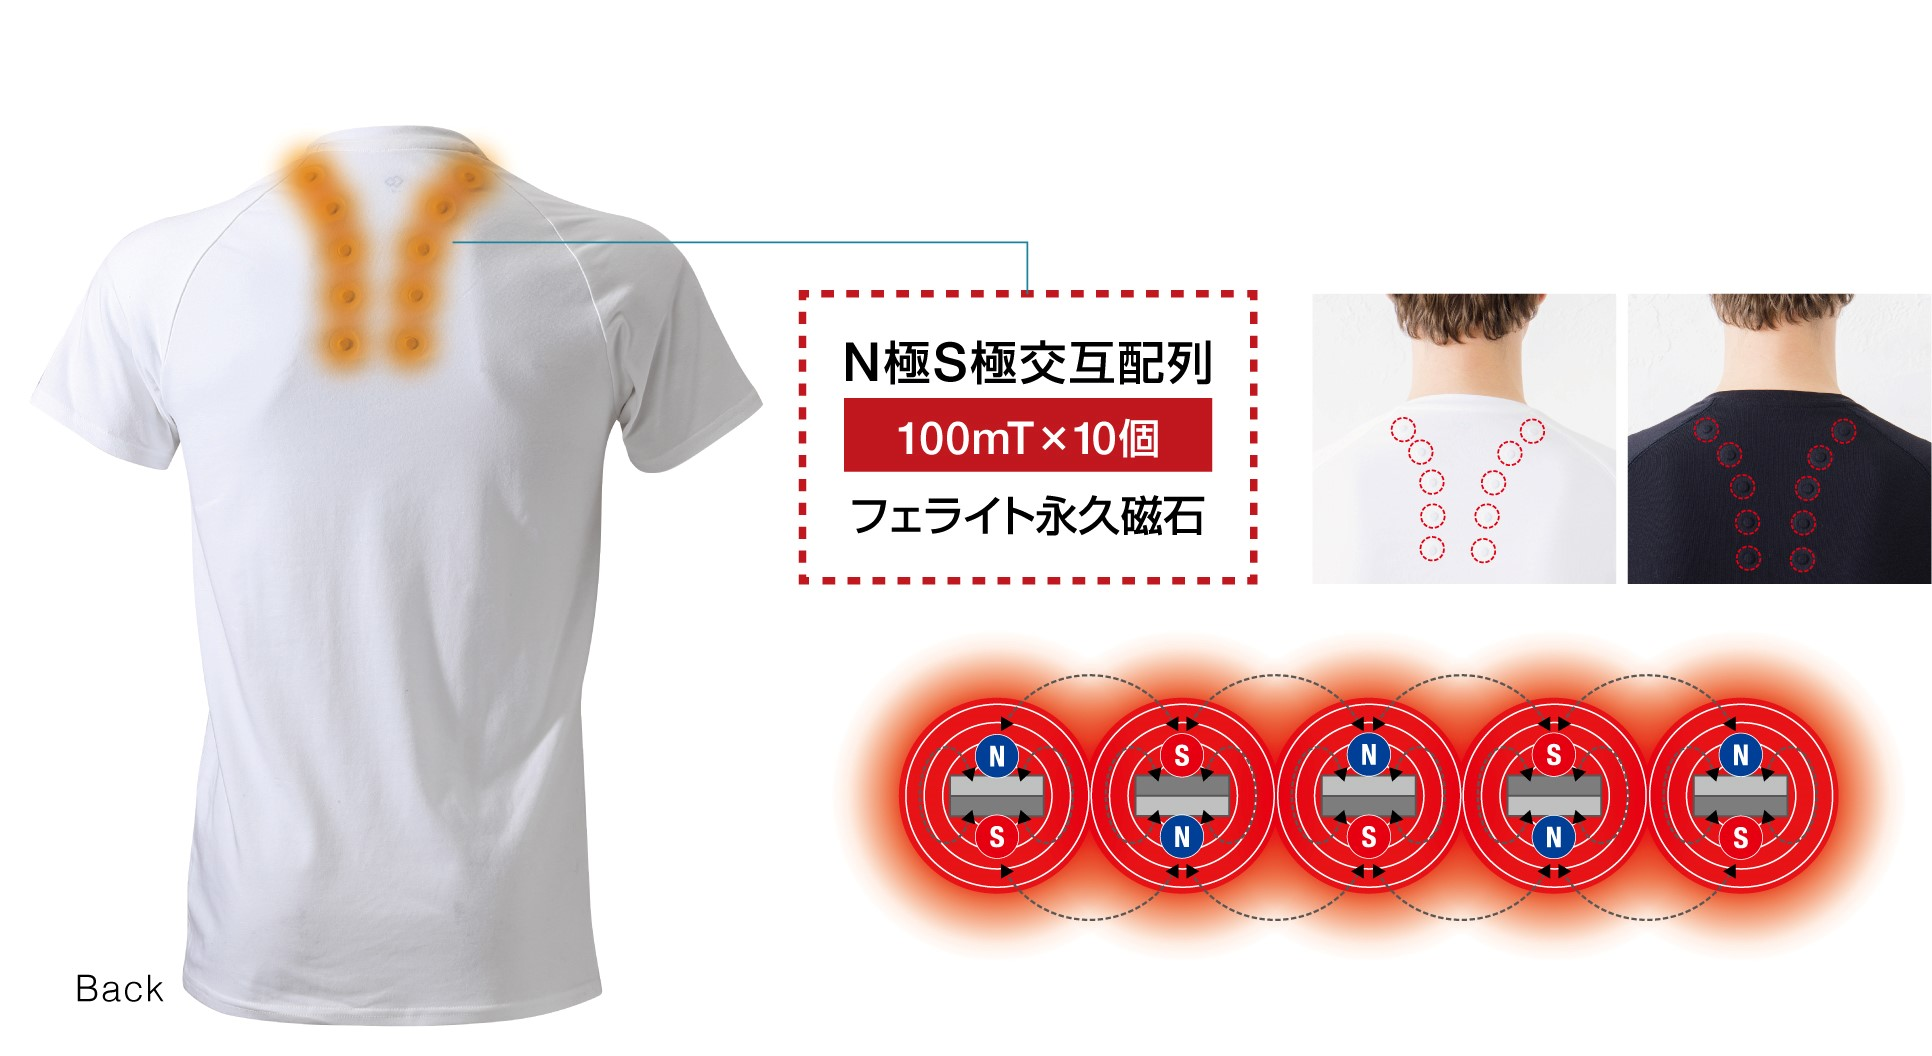 コラントッテ レスノ マグケアシャツ Vネック T 磁石配置イメージ図